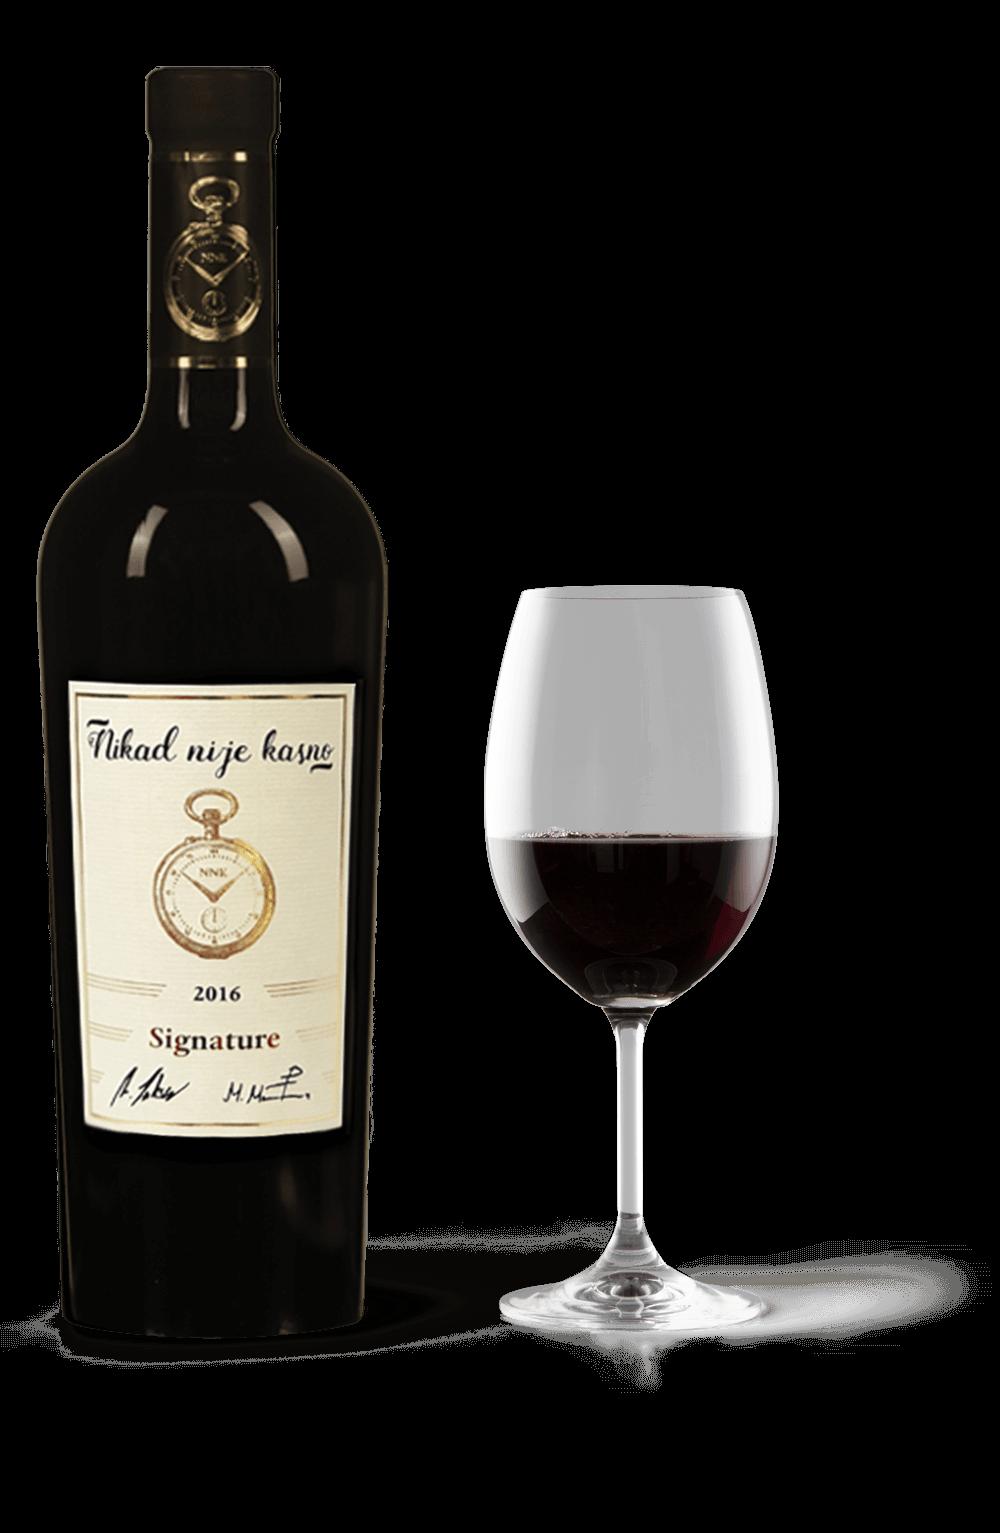 vino nikad nije kasno